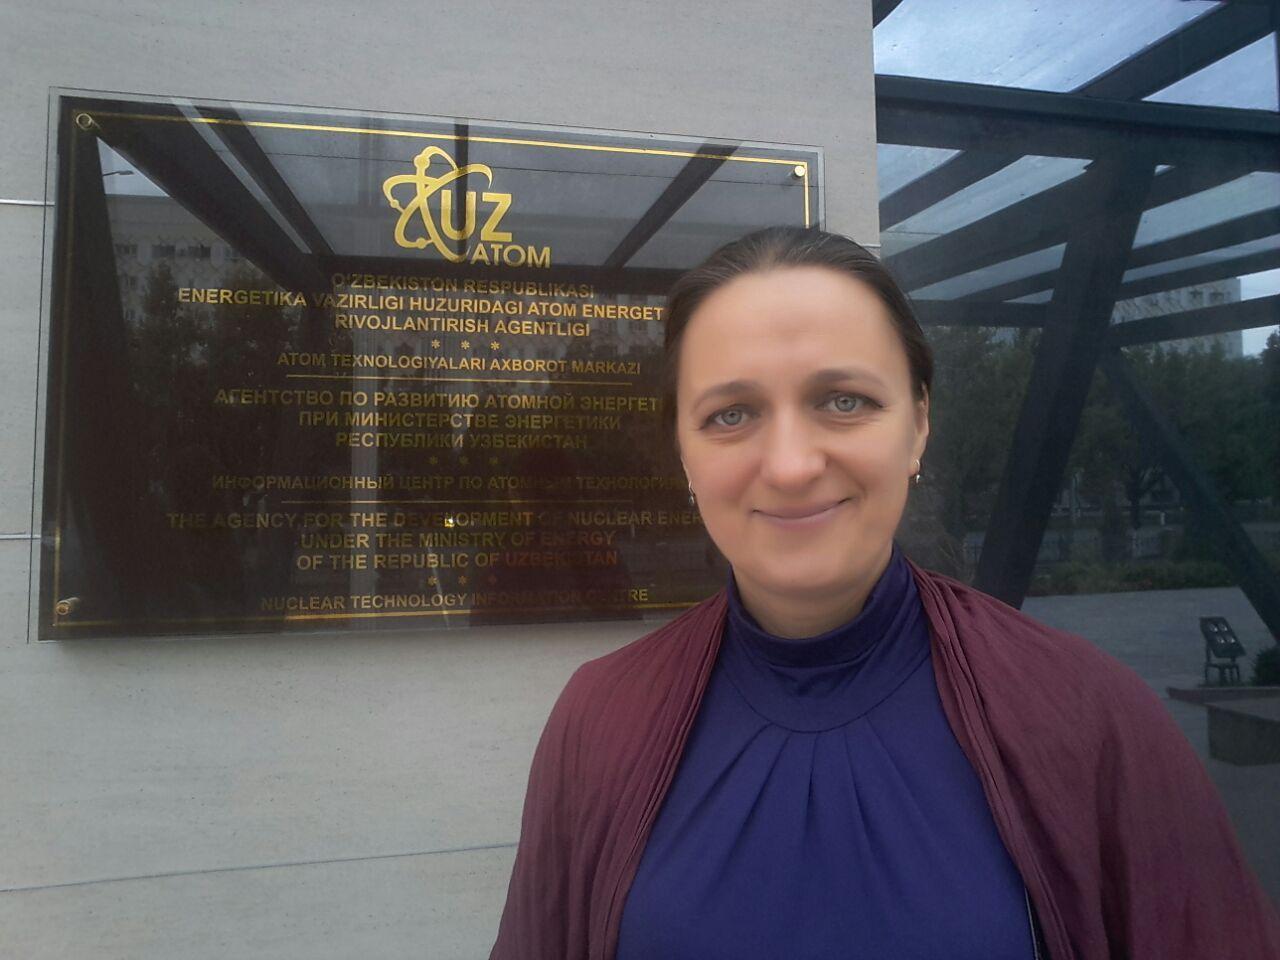 Співробітник відділу моделювання та ідентифікації теплових процесів С. В. Альохіна взяла участь у якості експерта МАГАТЕ в Узбекистані